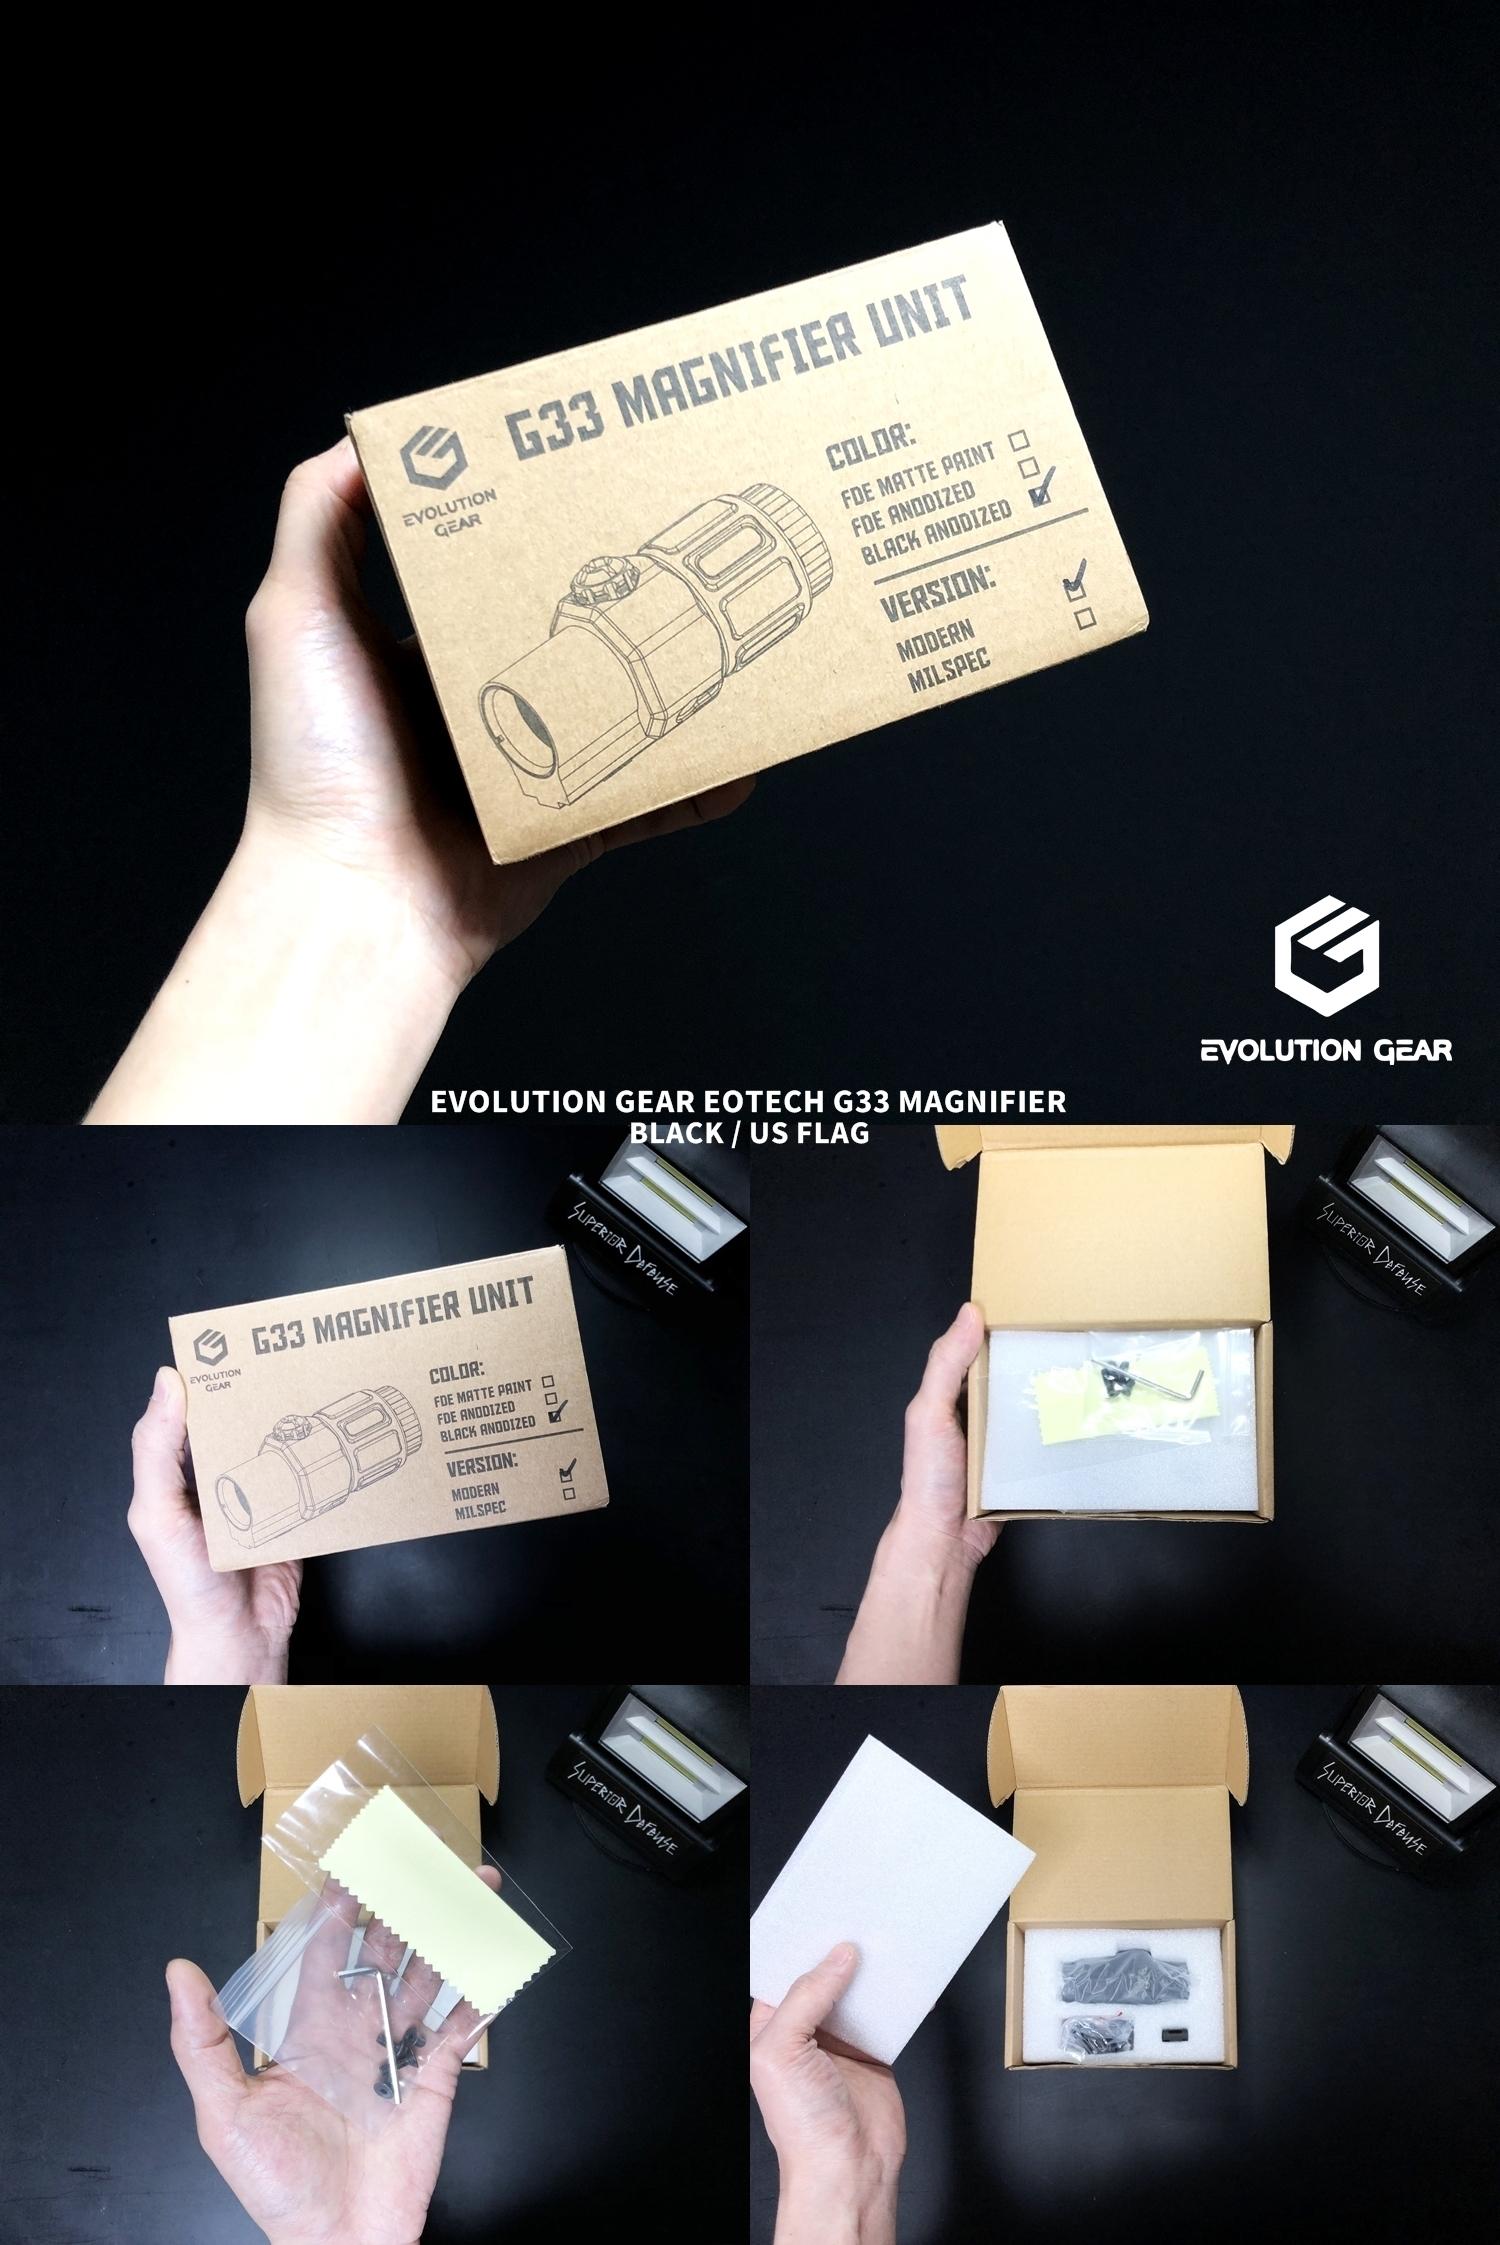 1 EVOLUTION GEAR EOTech G33 MAGNIFIER!! エボギア 3倍 ブースター マグニファイア買ってみた!! 高品質6枚レンズの実力は如何に! 開封 検証 取付 レビュー!! したるの巻!!